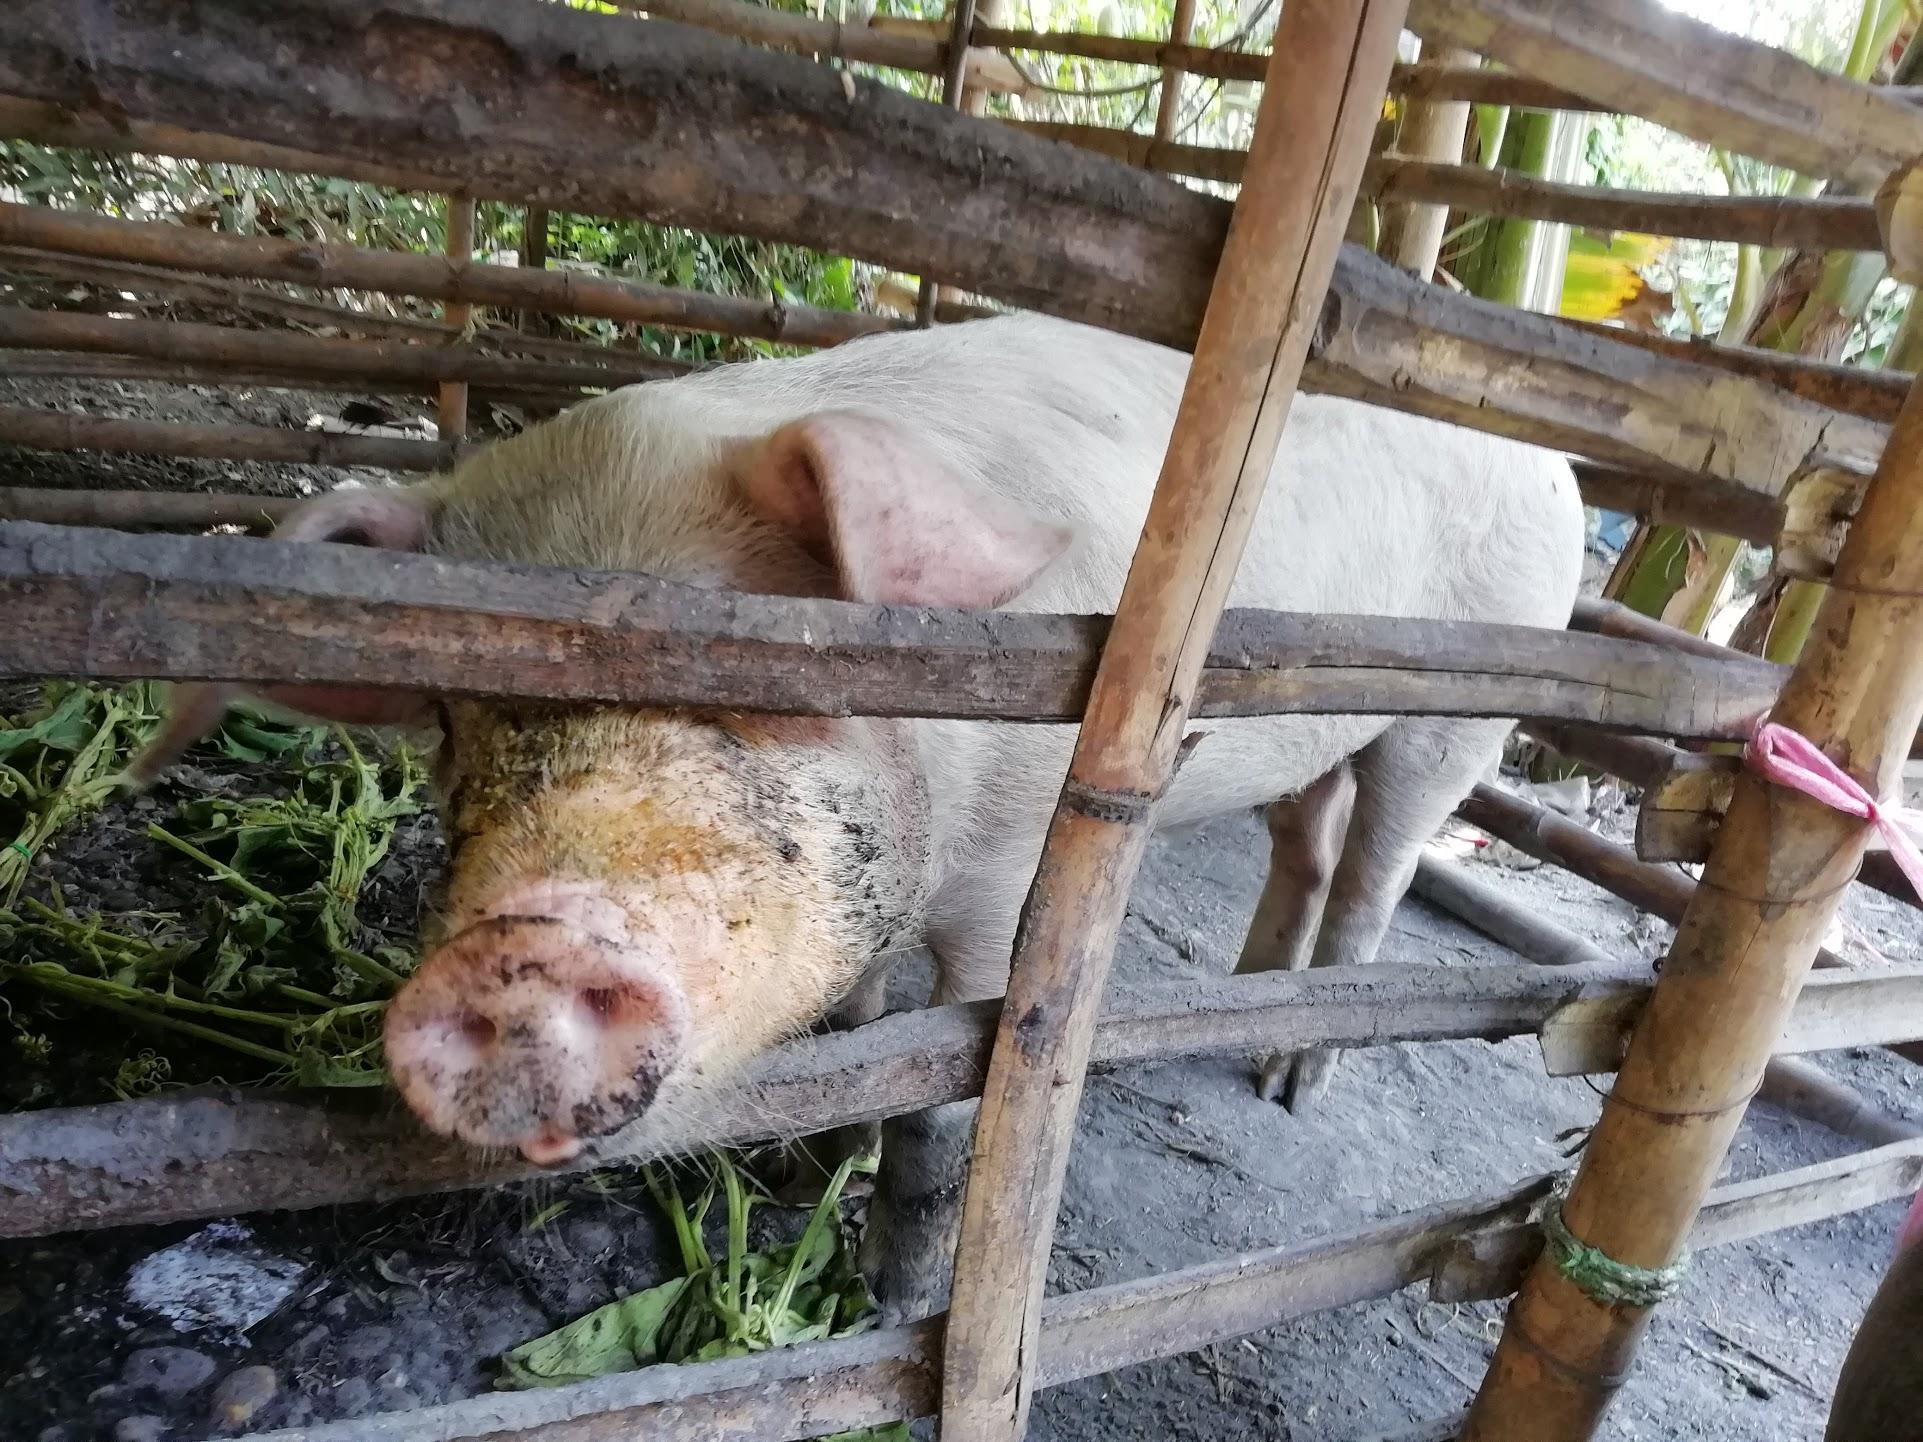 飼育している豚の写真